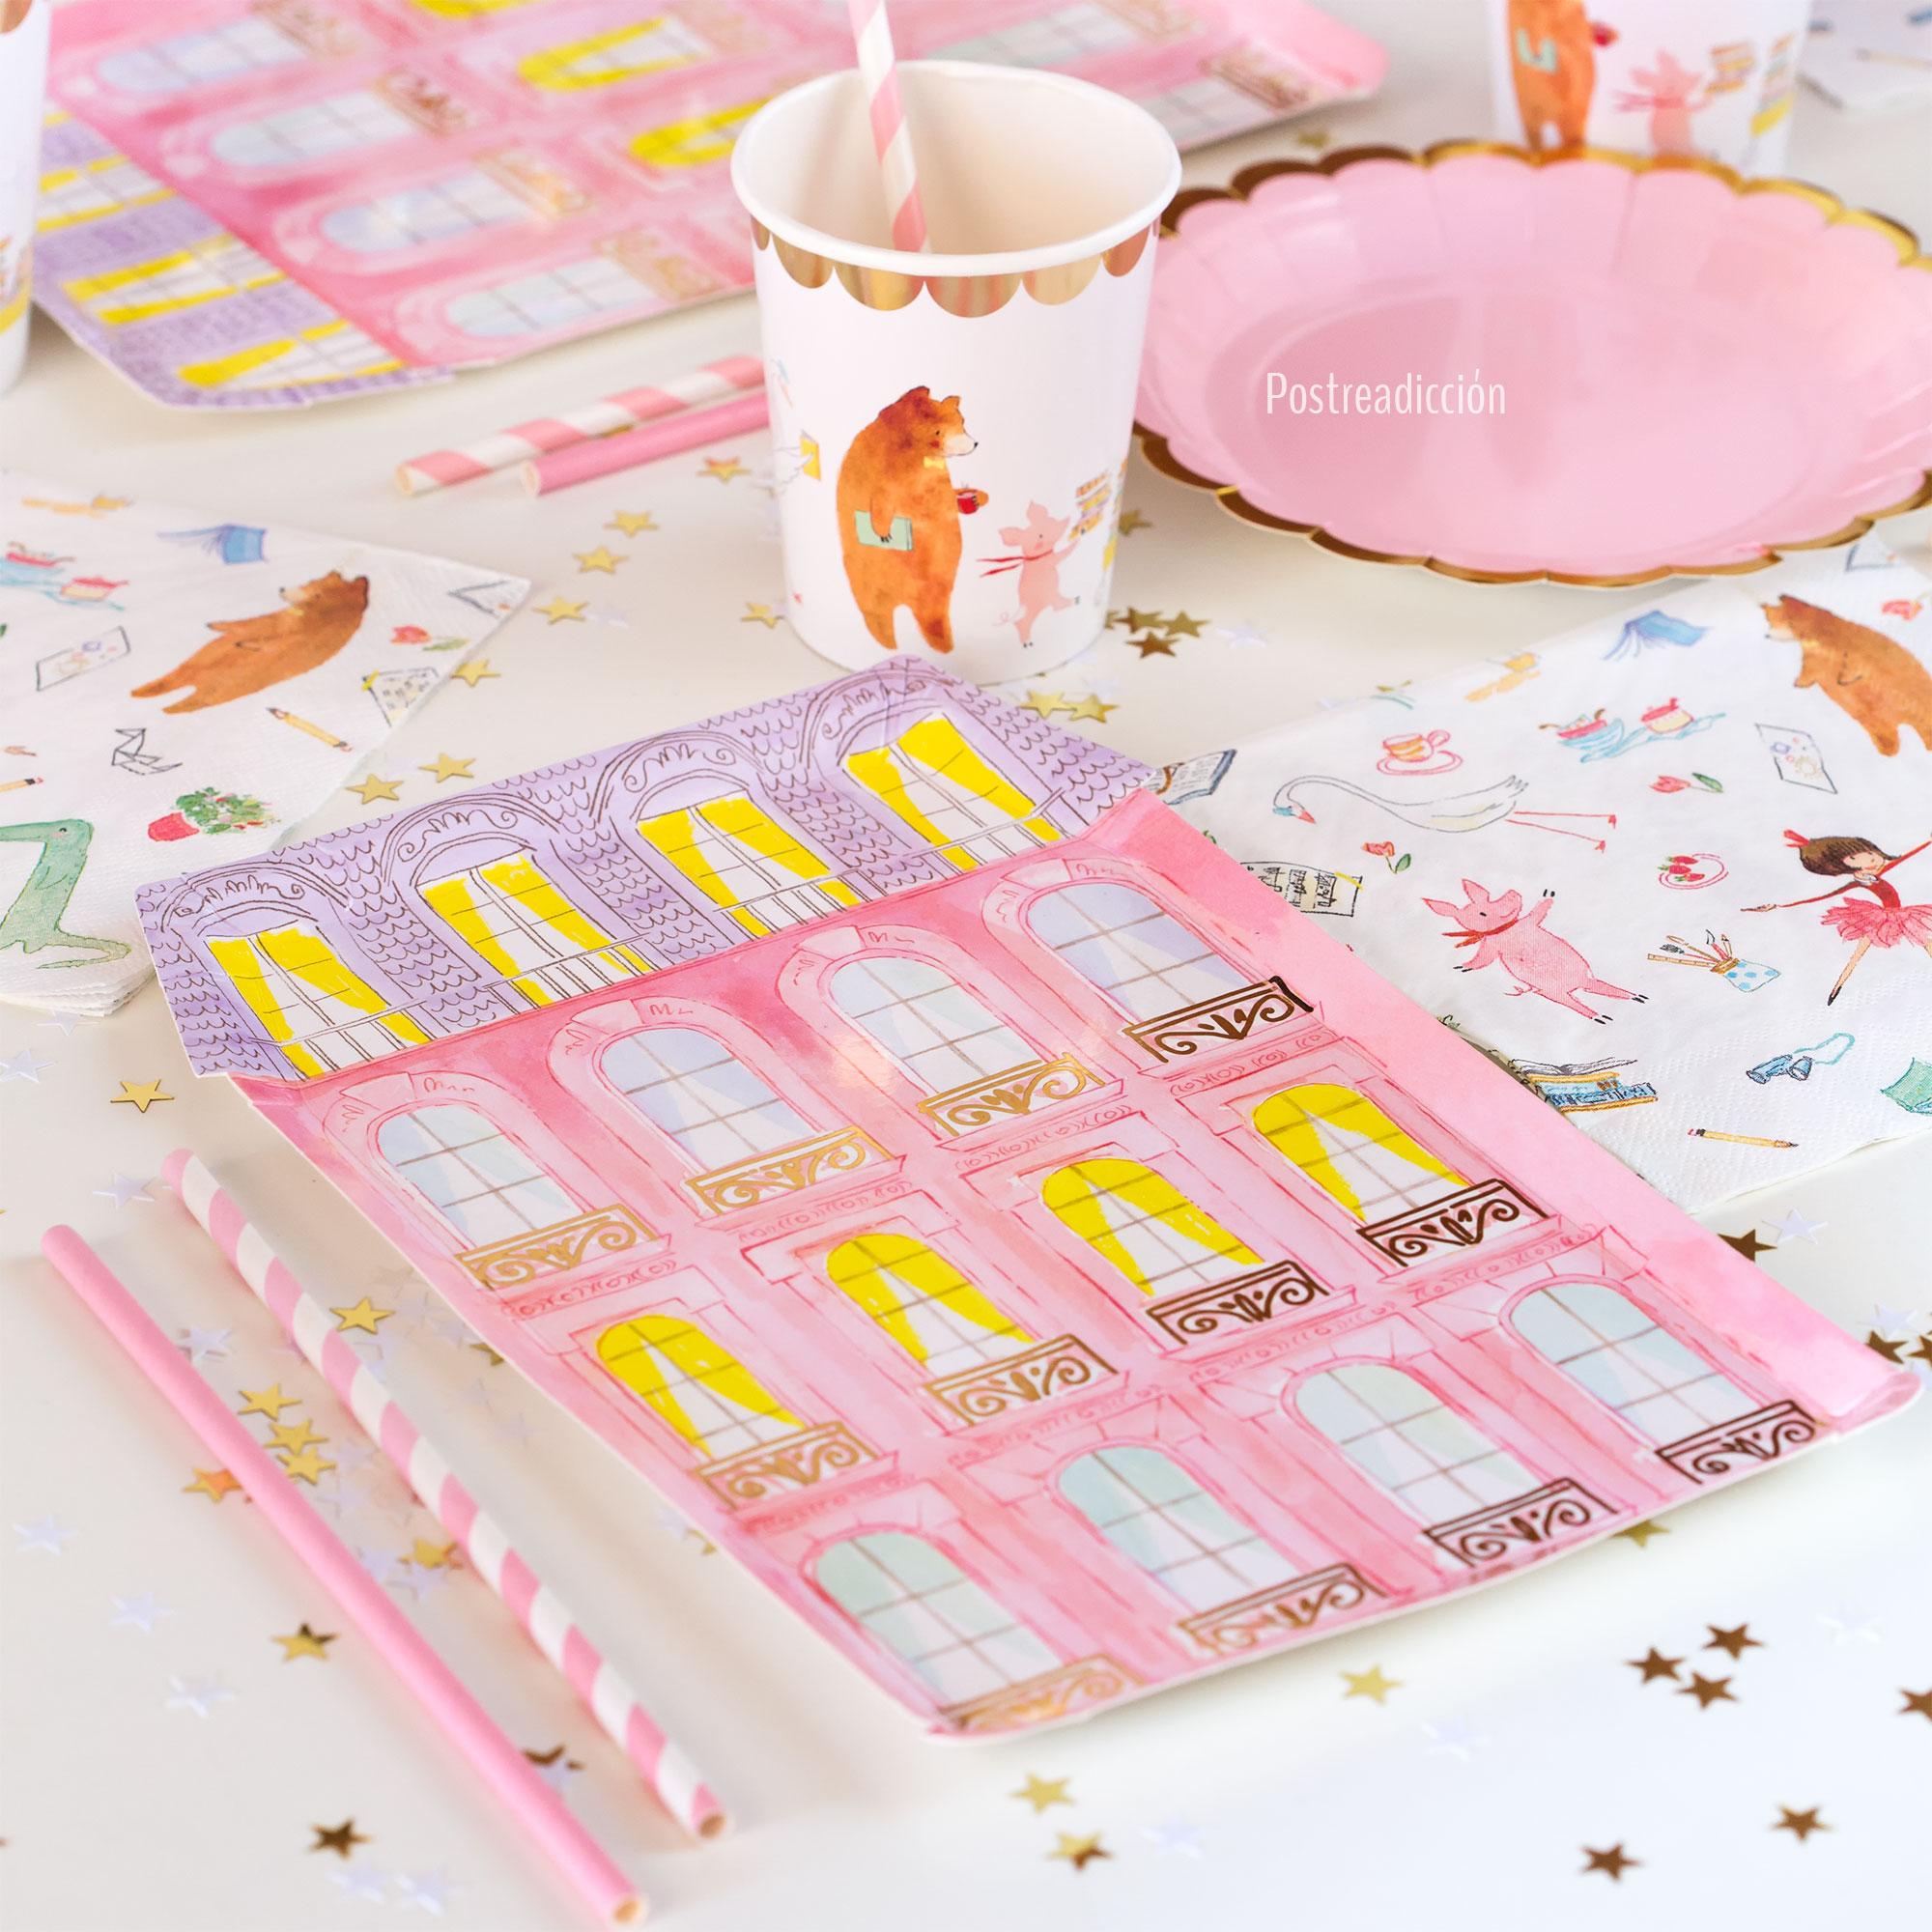 Imagen de producto: https://tienda.postreadiccion.com/img/articulos/secundarias13323-8-vasos-de-papel-de-lola-dutch-con-foil-6.jpg